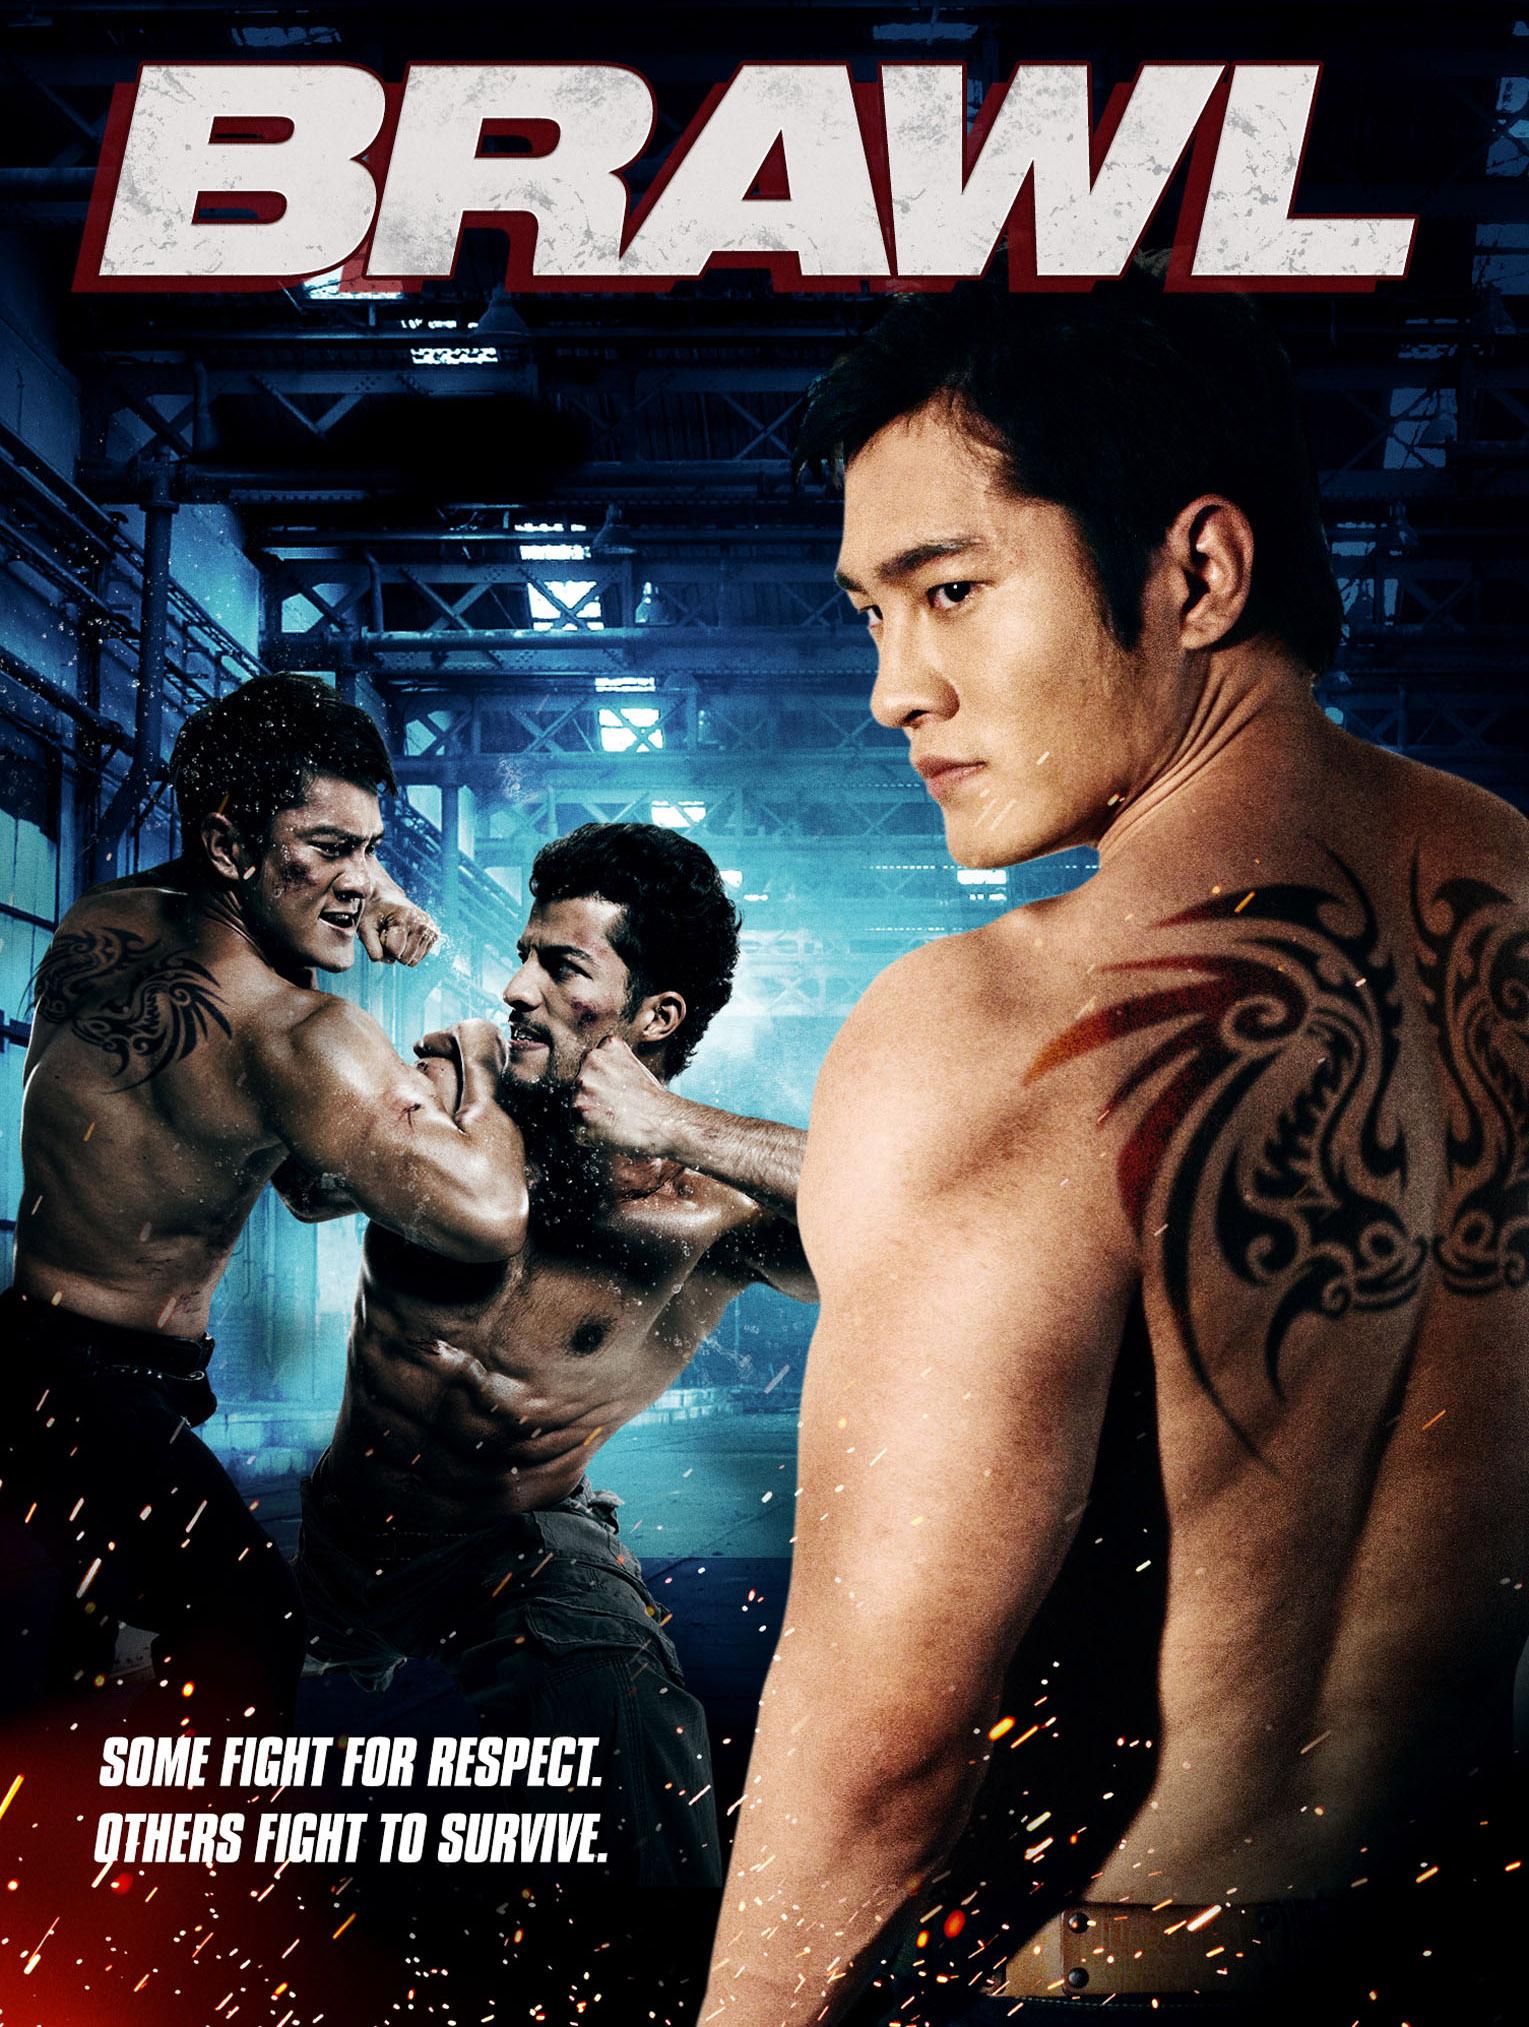 Brawl (Fighting Fish) (2012)